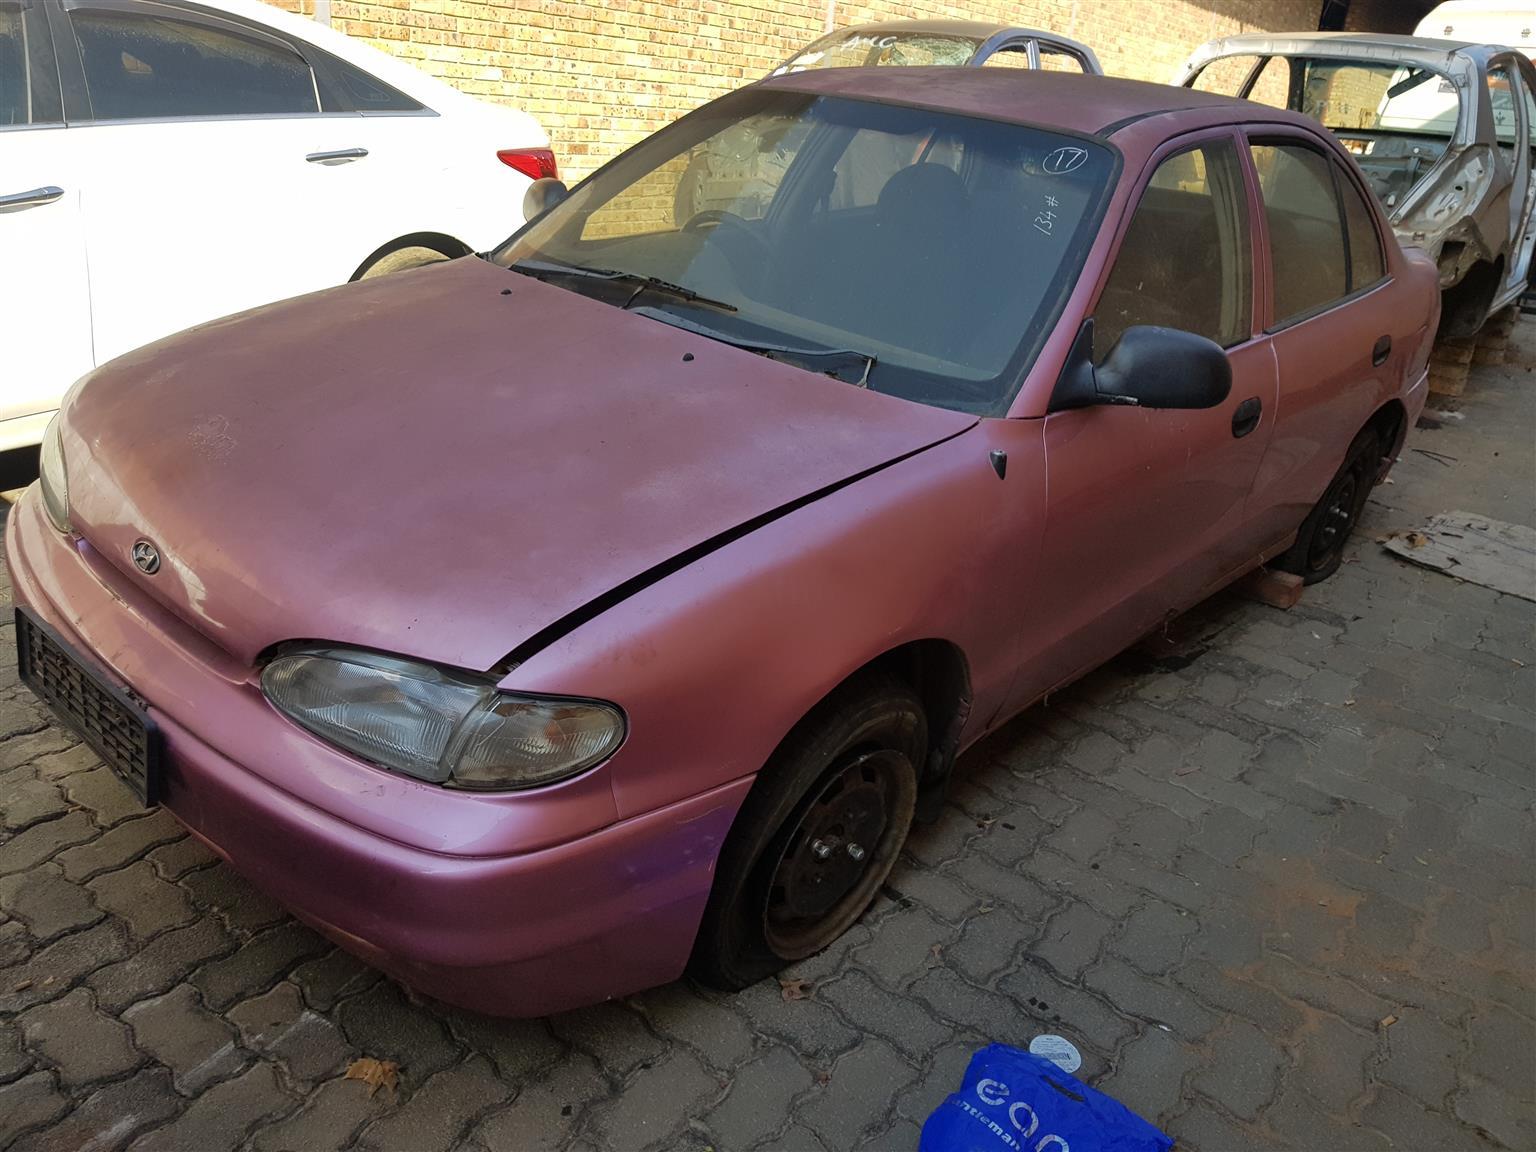 Hyundai Accent 1.5 CSI 1996 G4EK Stripping for Spares